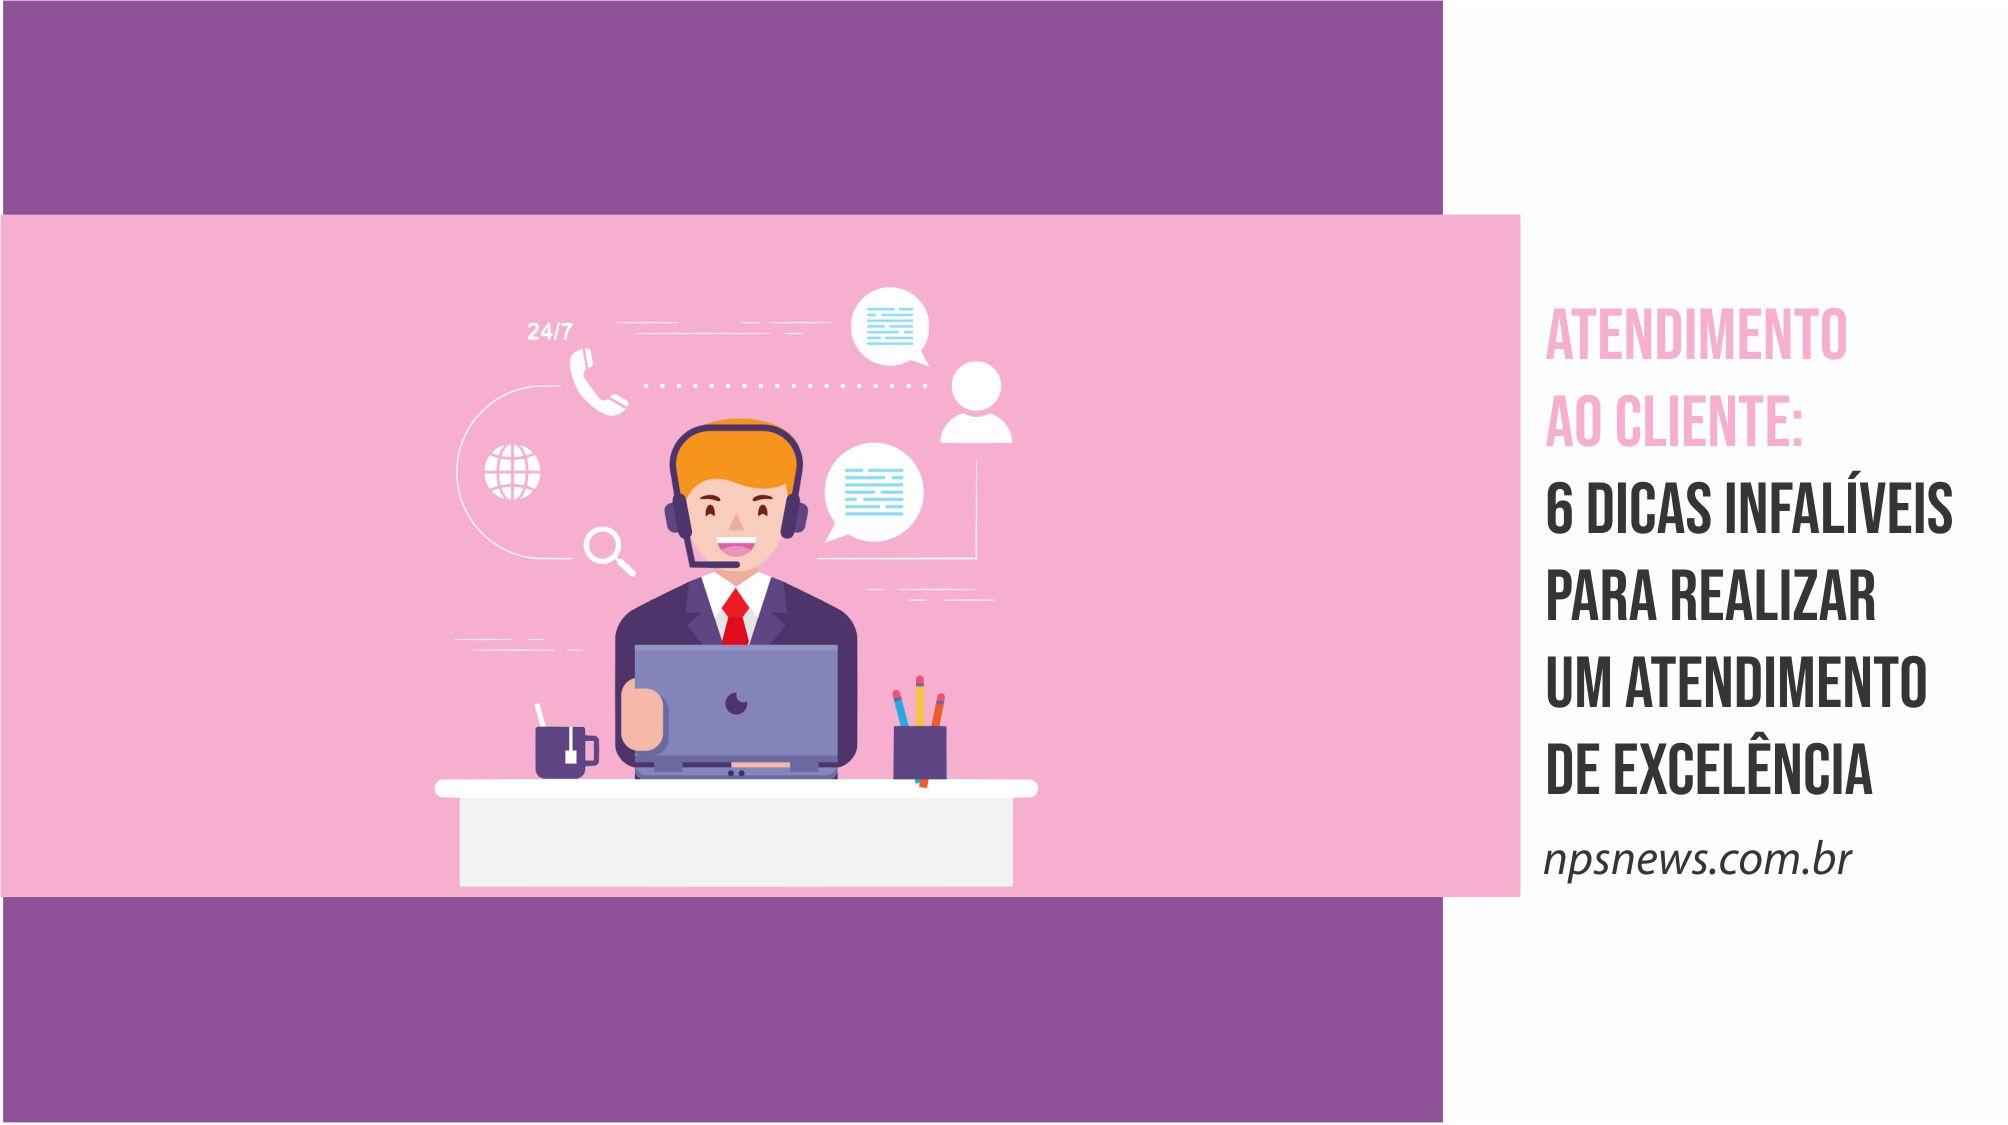 Atendimento ao cliente: 6 dicas infalíveis para realizar um atendimento de excelência